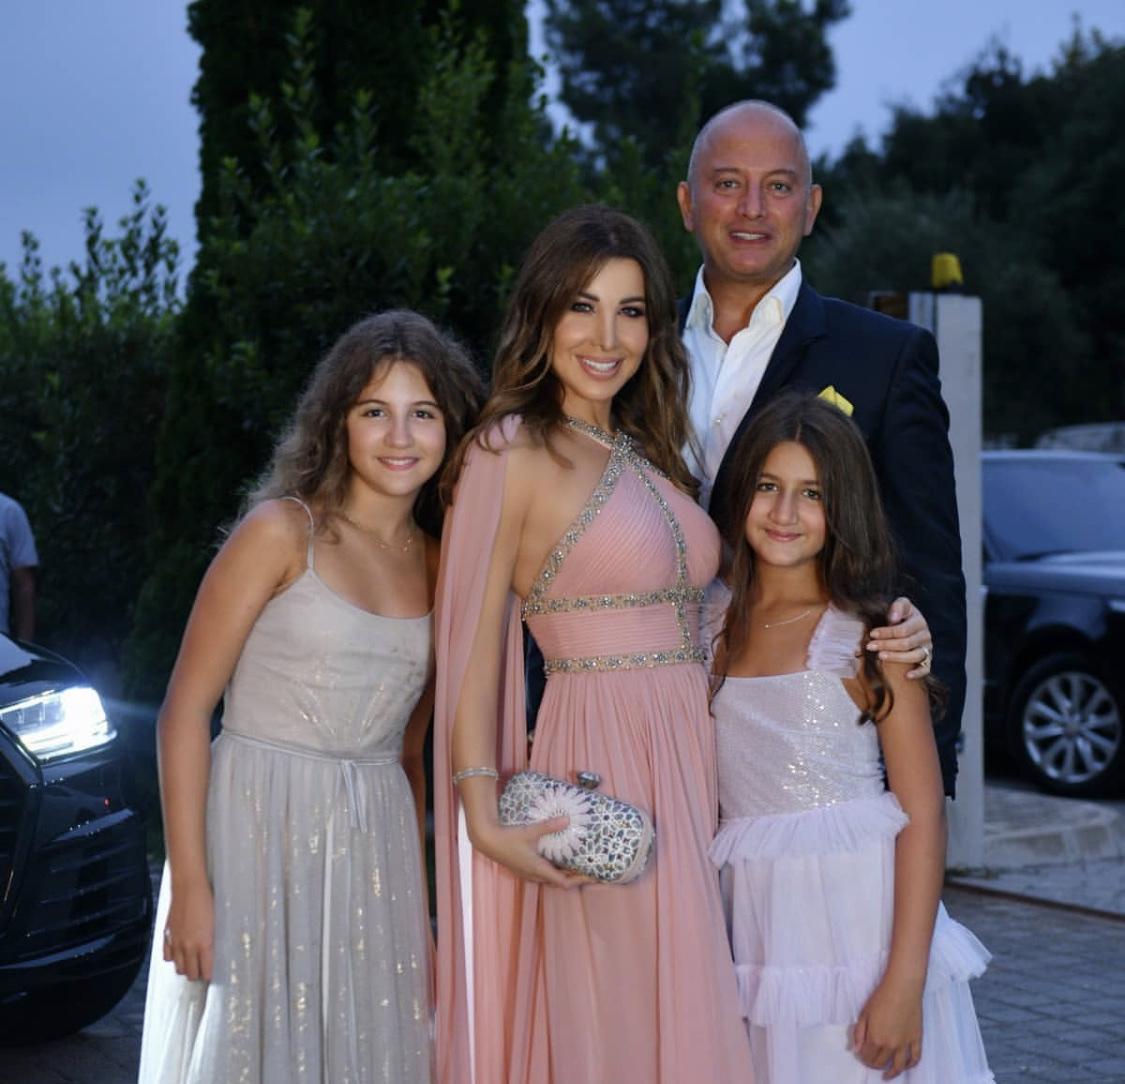 والدة نانسي عجرم تخطف الأنظار في حفل زفاف نبيل عجرم